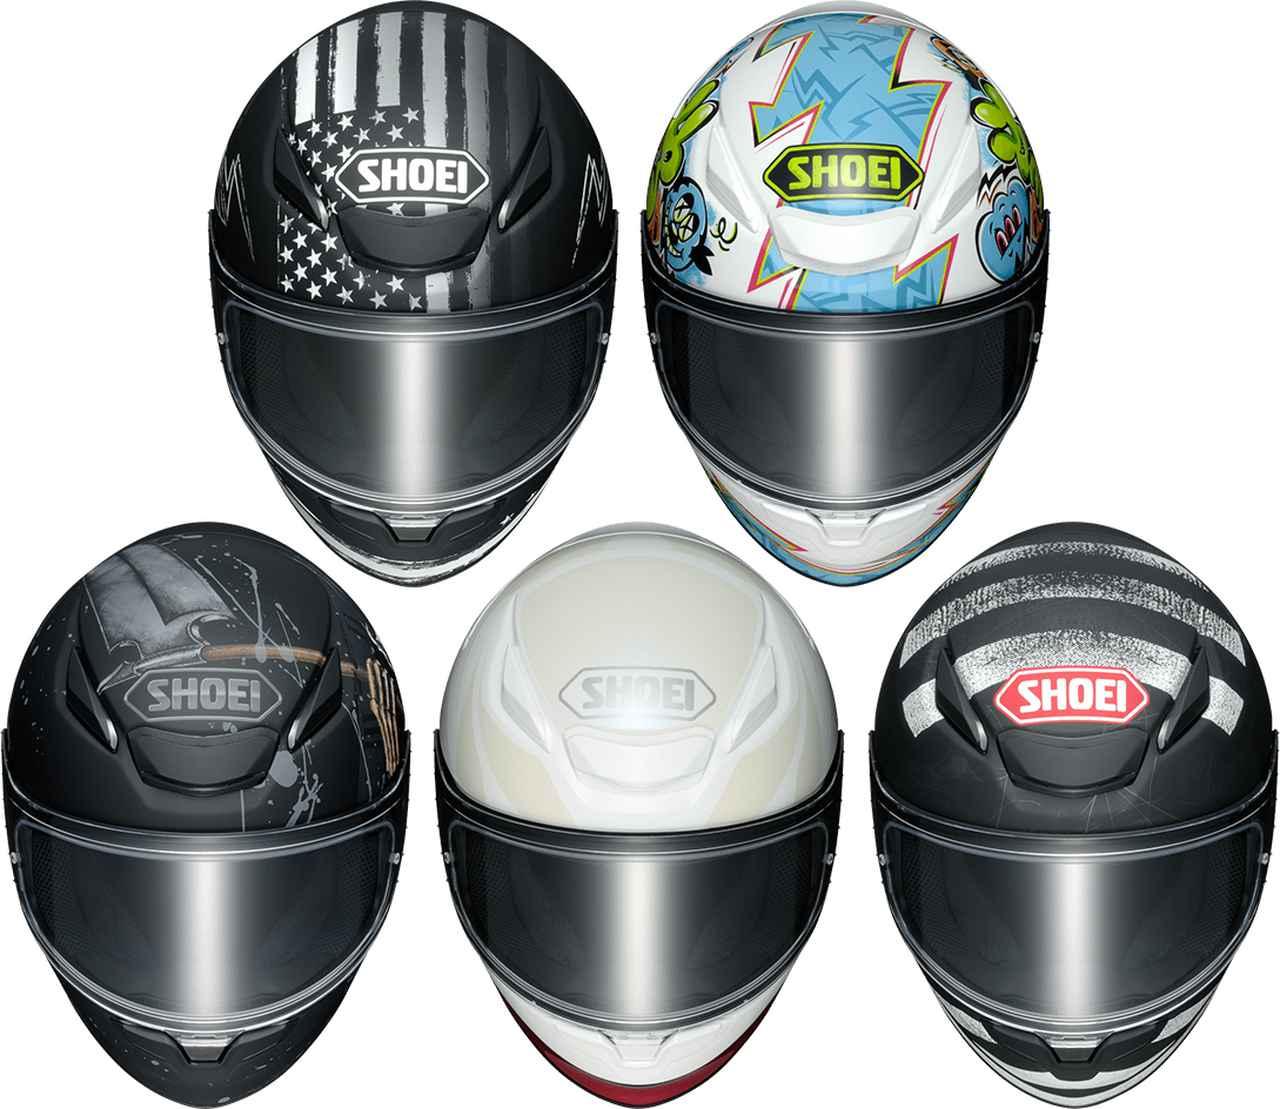 画像16: SHOEIの新型ヘルメット「Z-8」グラフィックモデル・まとめ|2021年5月末までに6モデル計13種のカラーが登場